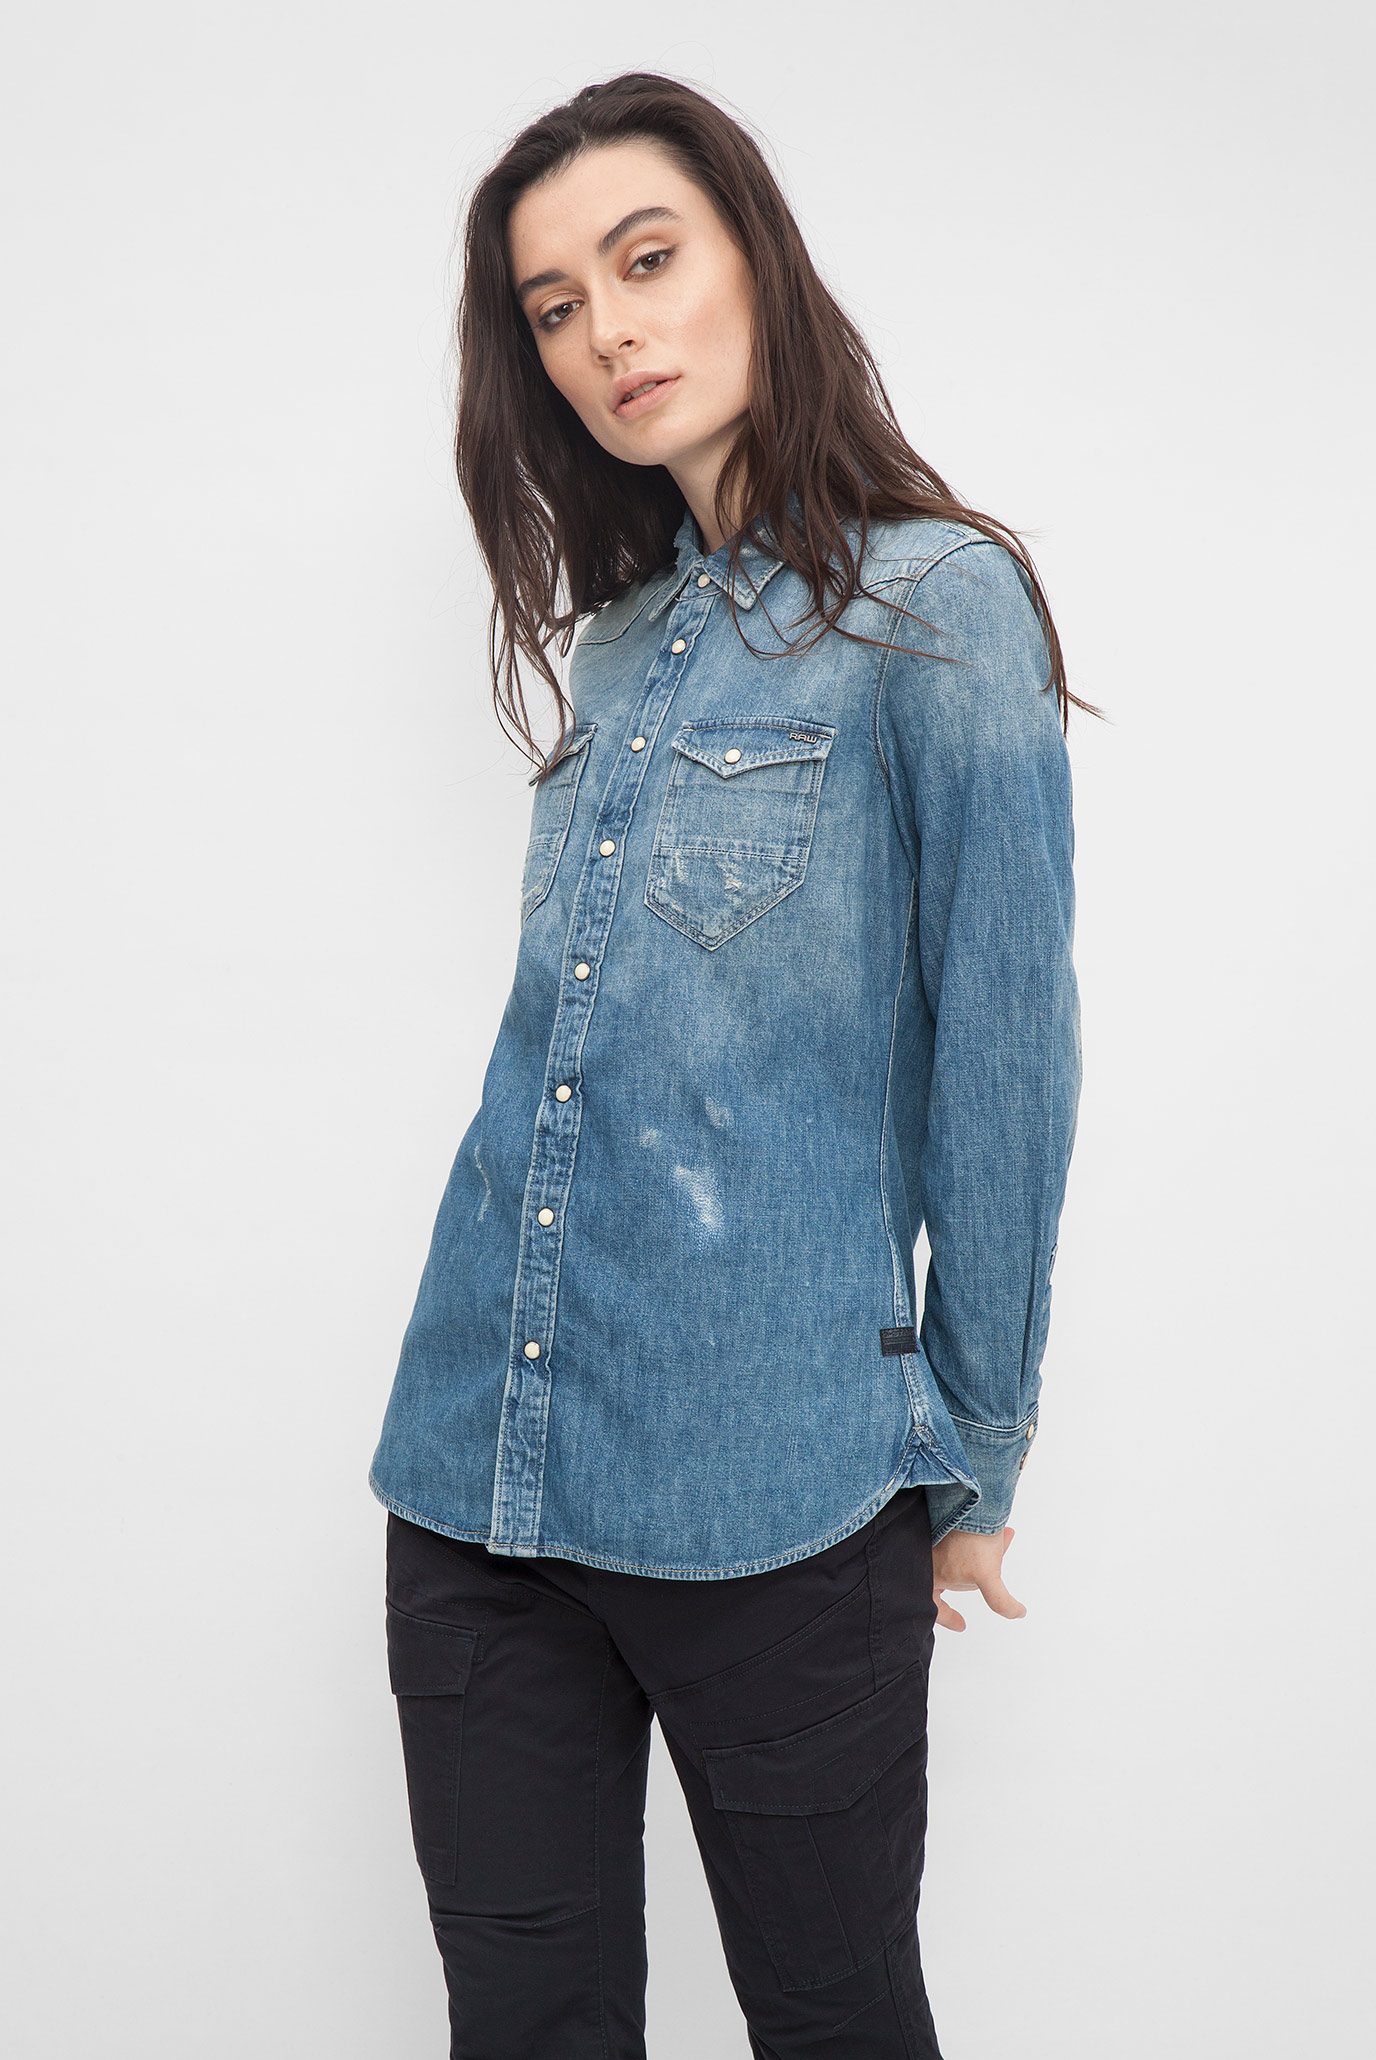 abfadbb35314876 Купить Женская голубая джинсовая рубашка G-Star RAW G-Star RAW D04035,8627  – Киев, Украина. Цены ...